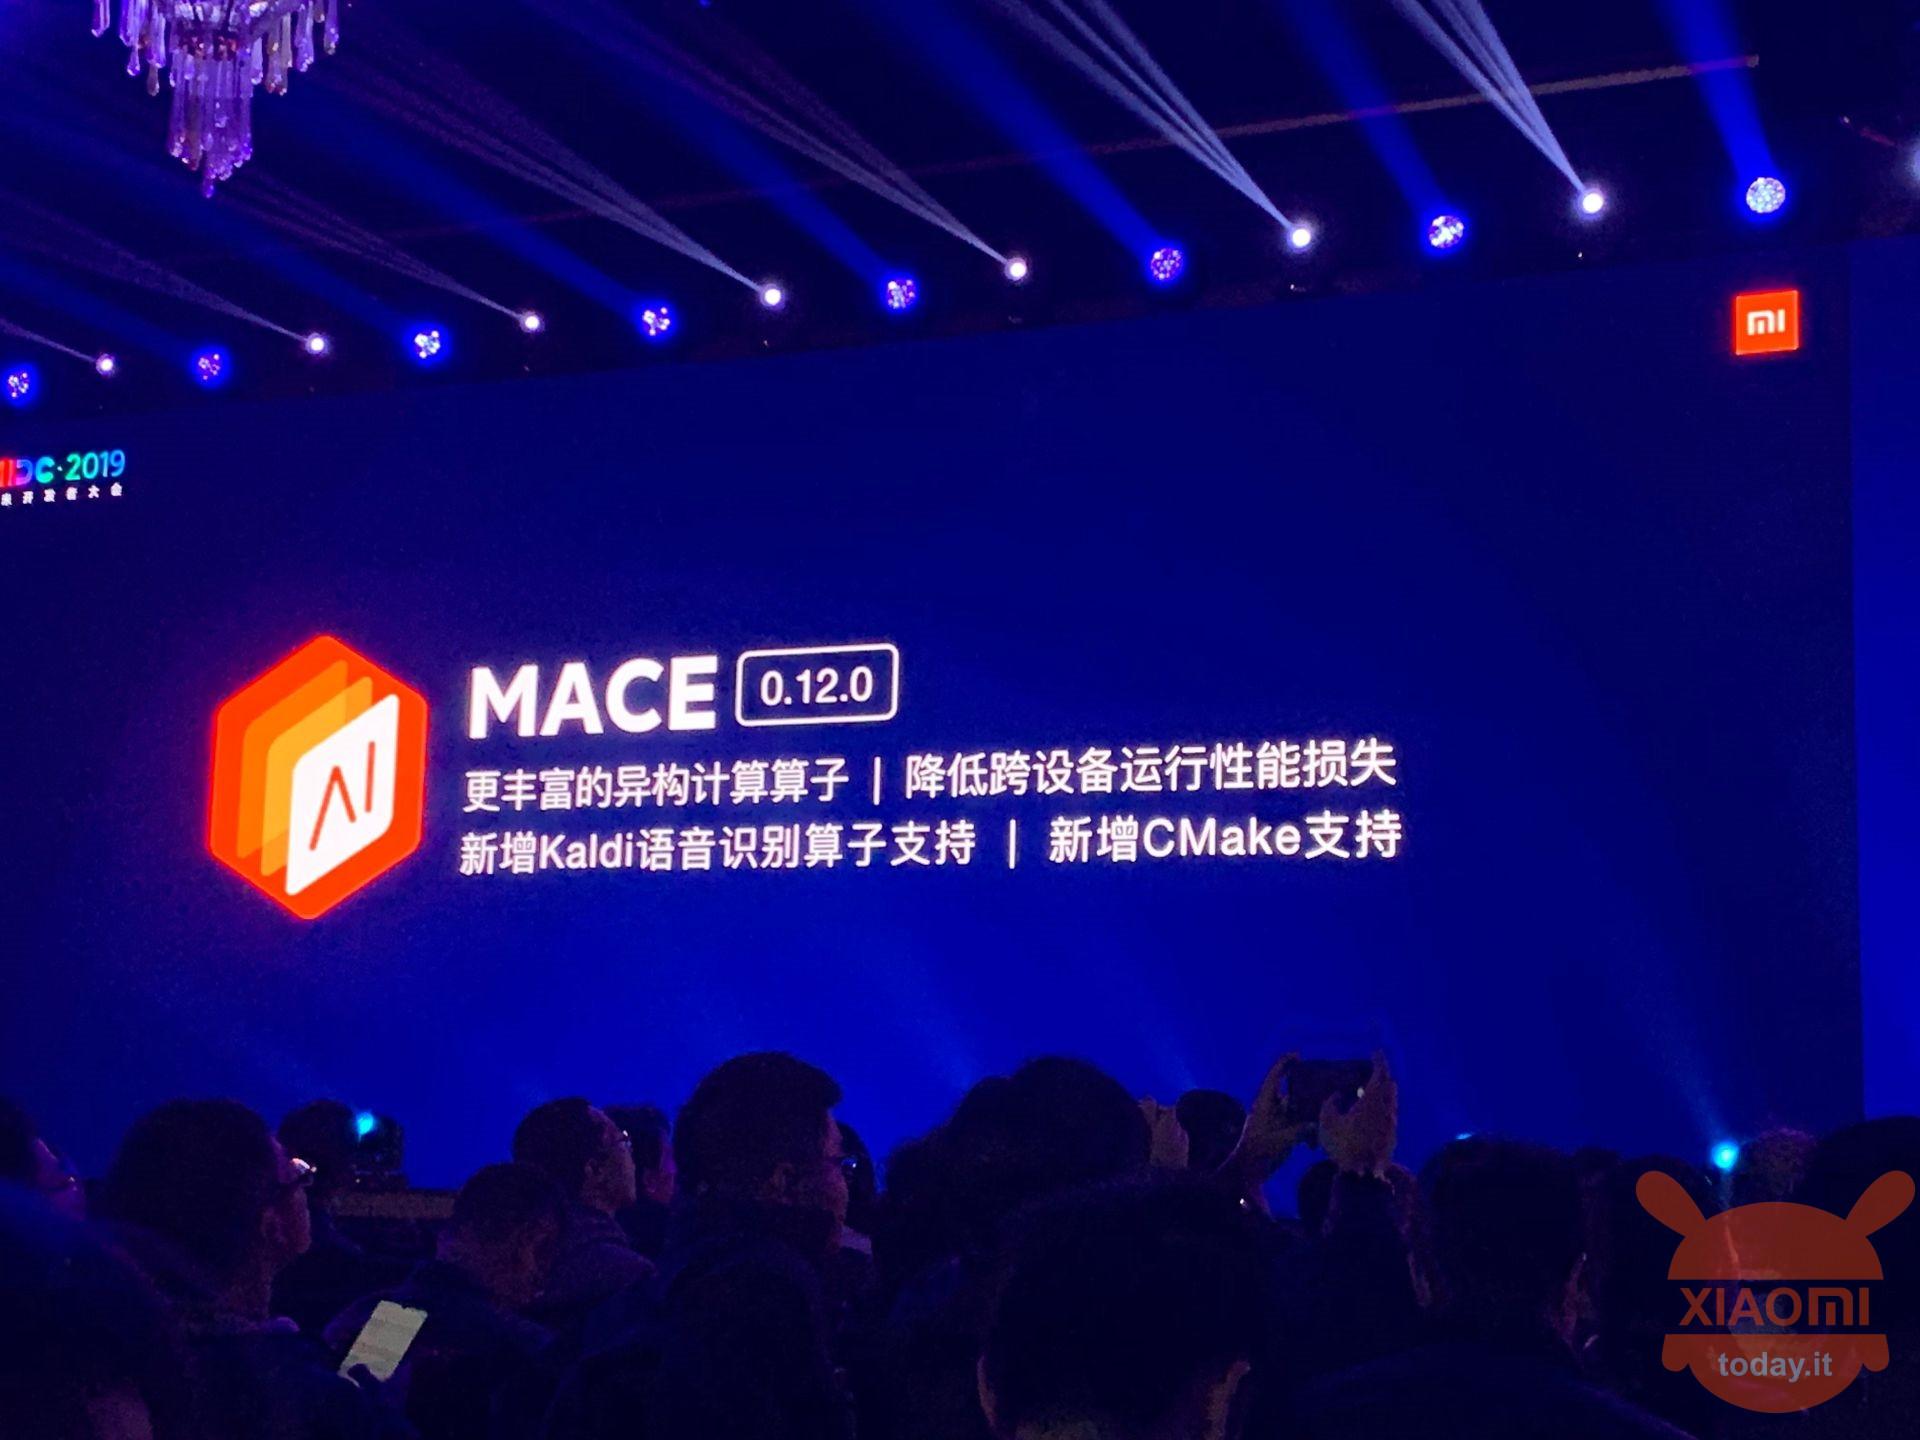 Xiaomi MACE 0.12.0